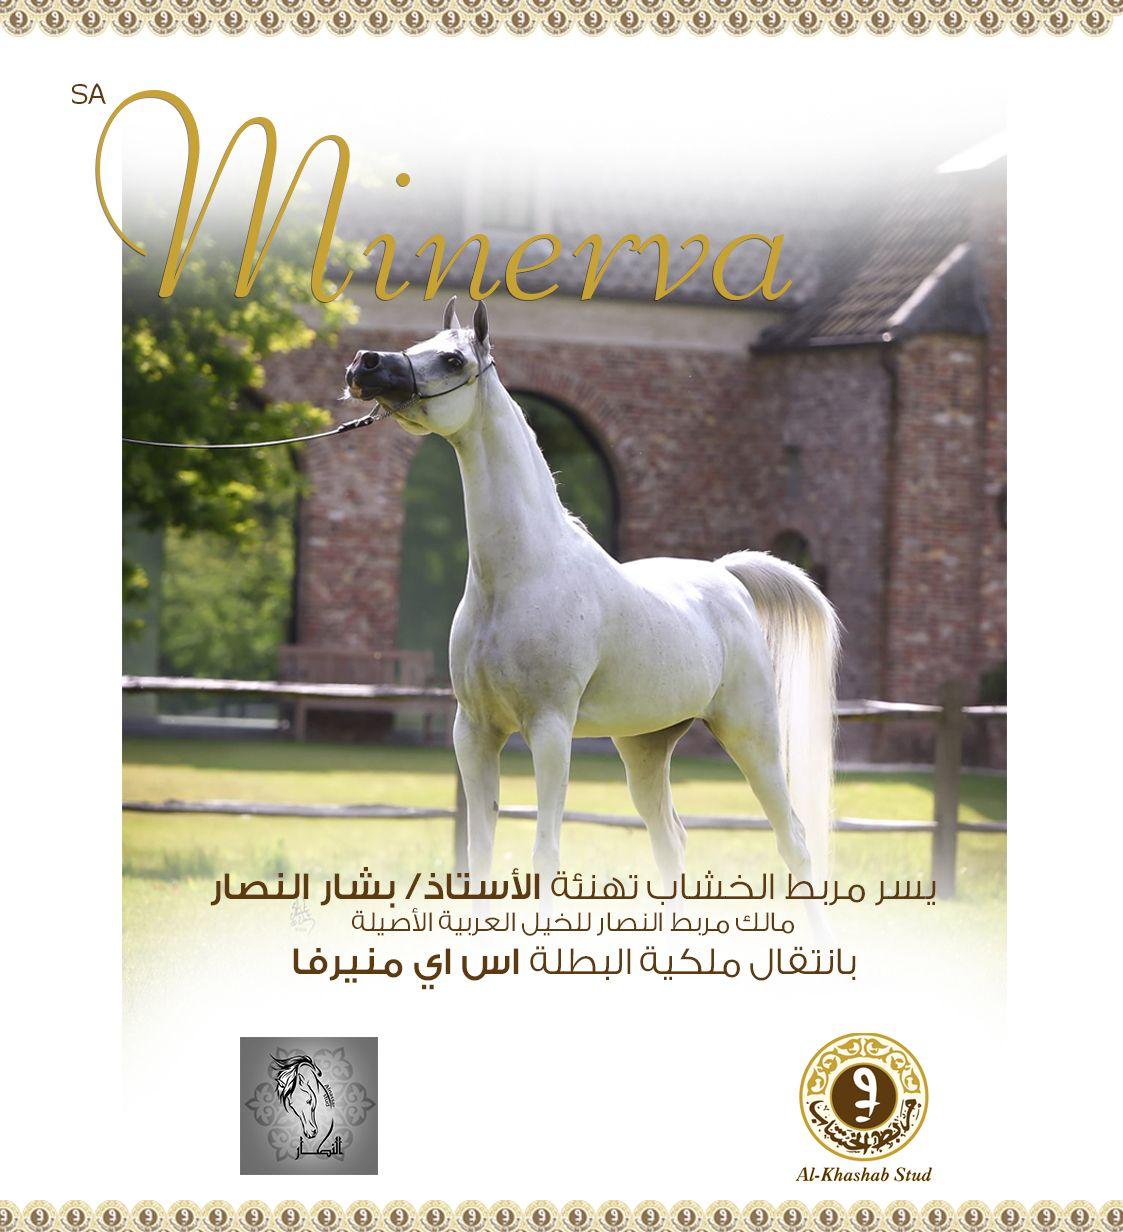 الخشاب منيرفا إلى مربط النصار الف مبروك Horses Arabian Horse Animals